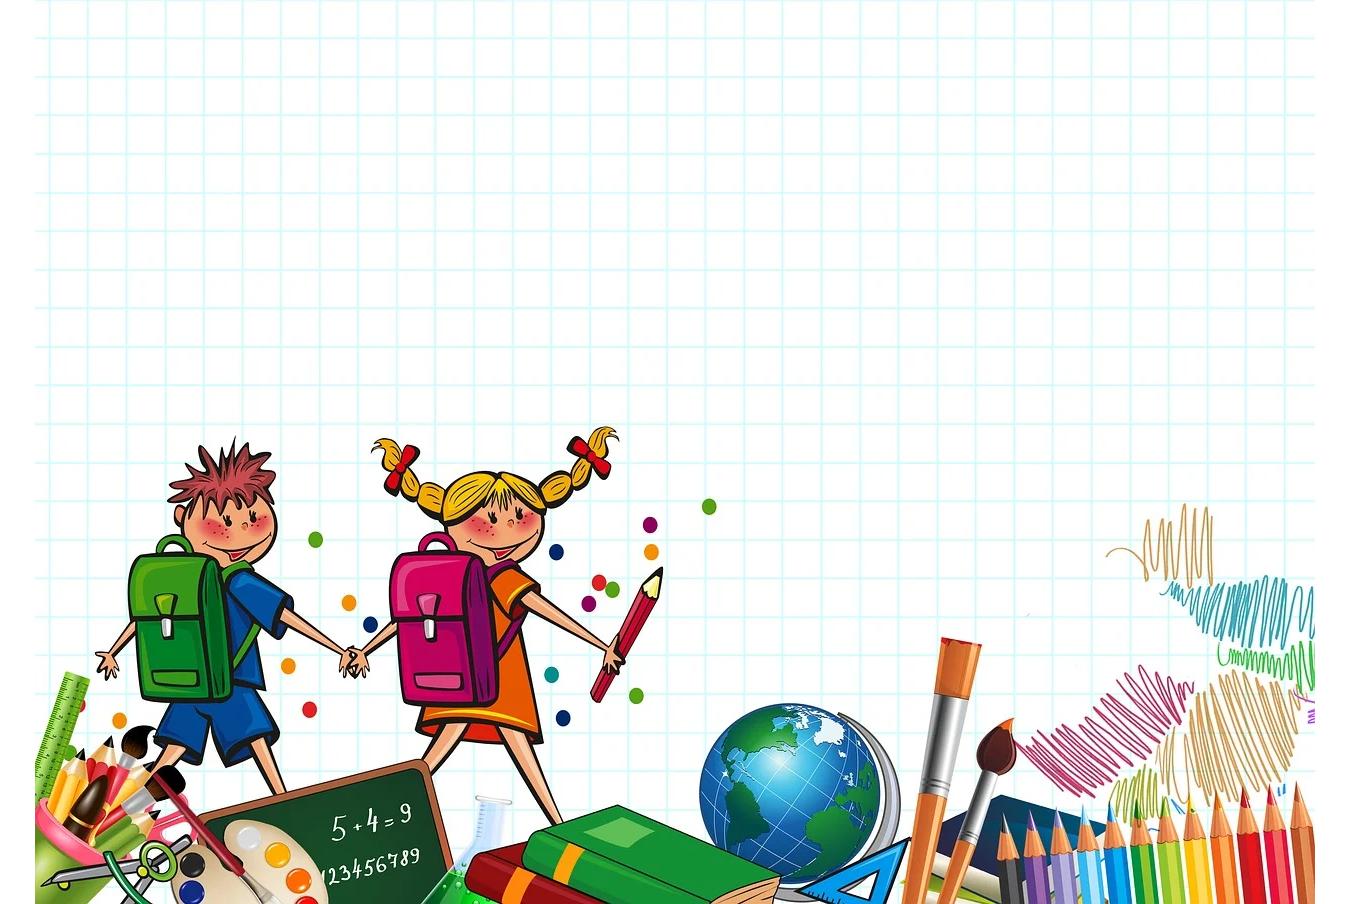 Aulas em 2021: Veja a situação no Brasil